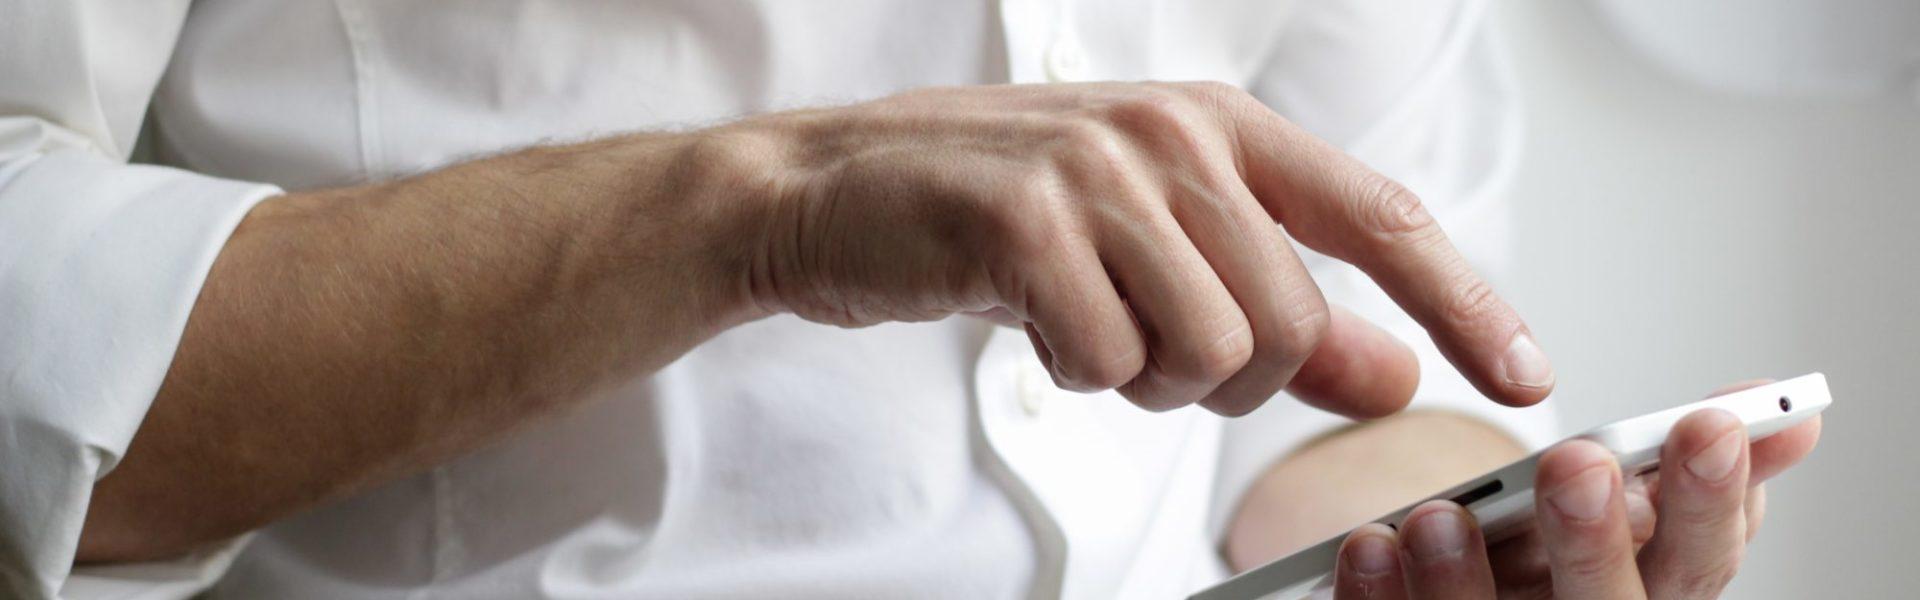 un homme en chemise blanche en train de consulter son téléphone portable